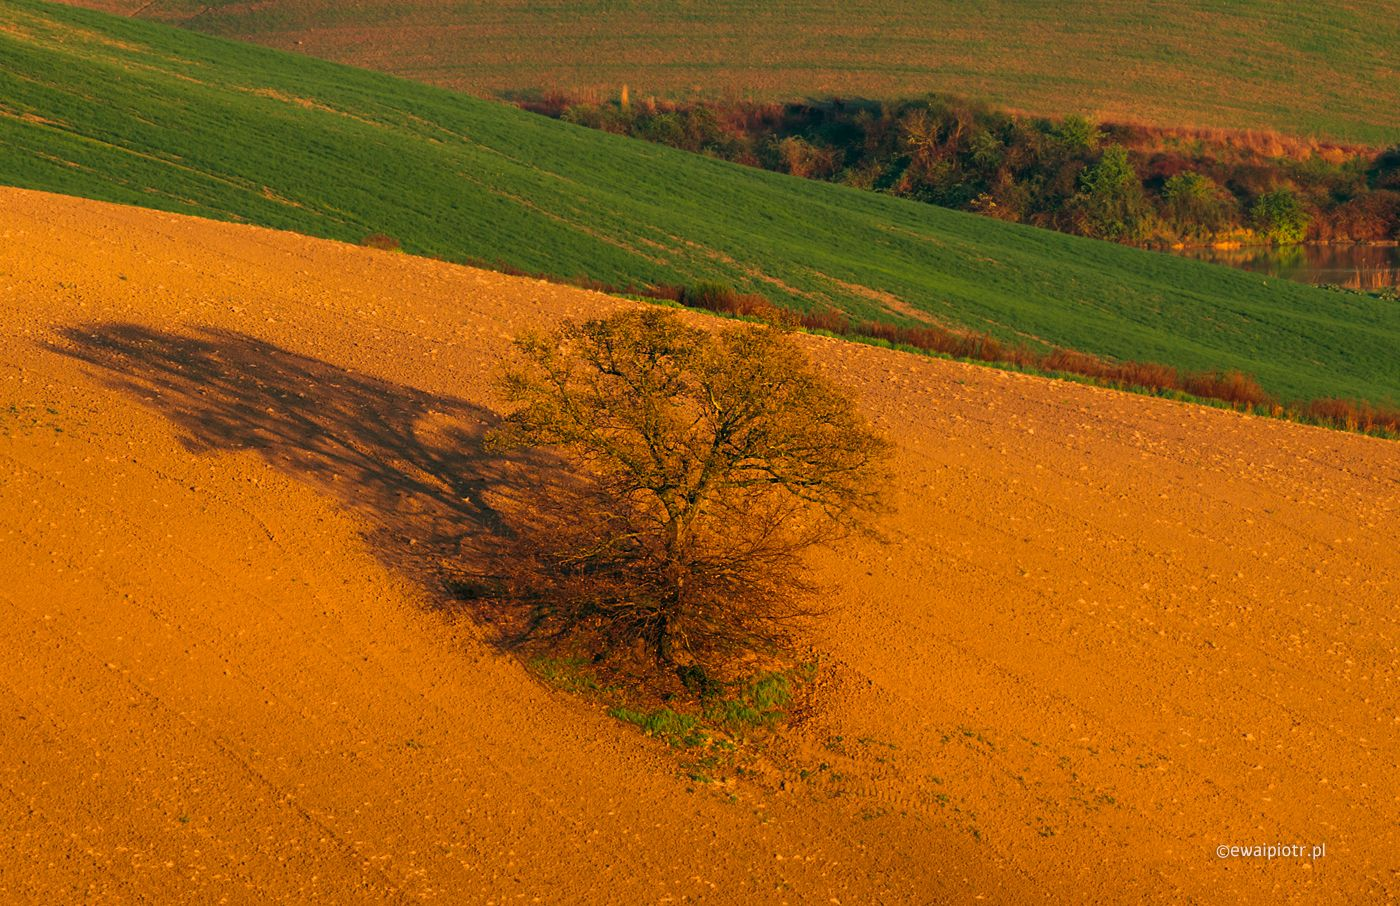 Drzewo i jego cień, Toskania